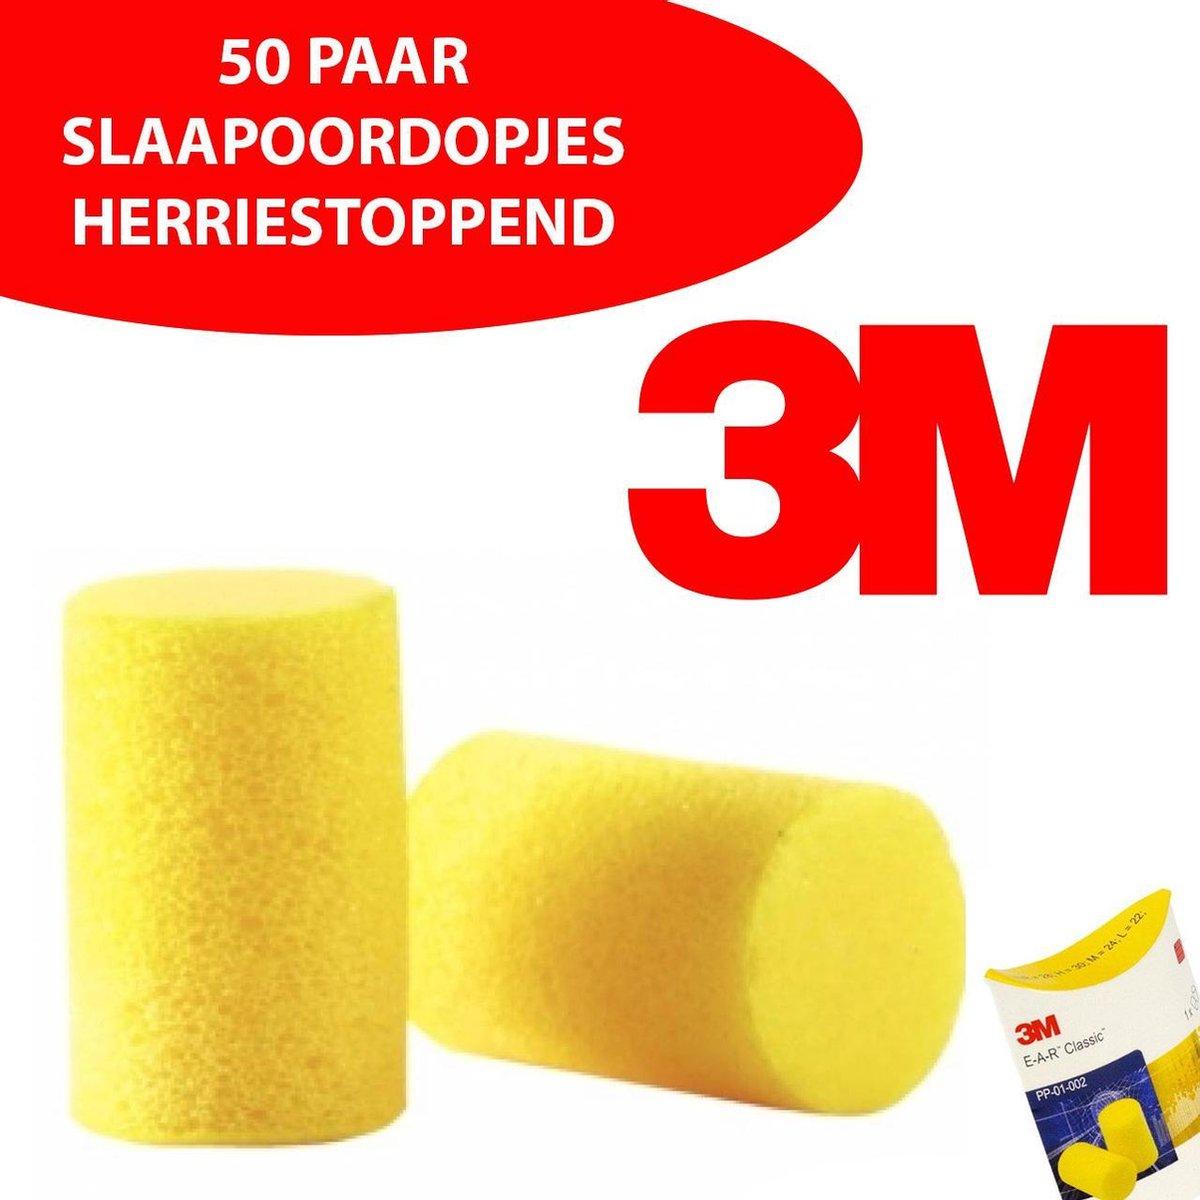 50 setjes Herriestoppende 3M OORDOPPEN - EAR CLASSIC 28dB